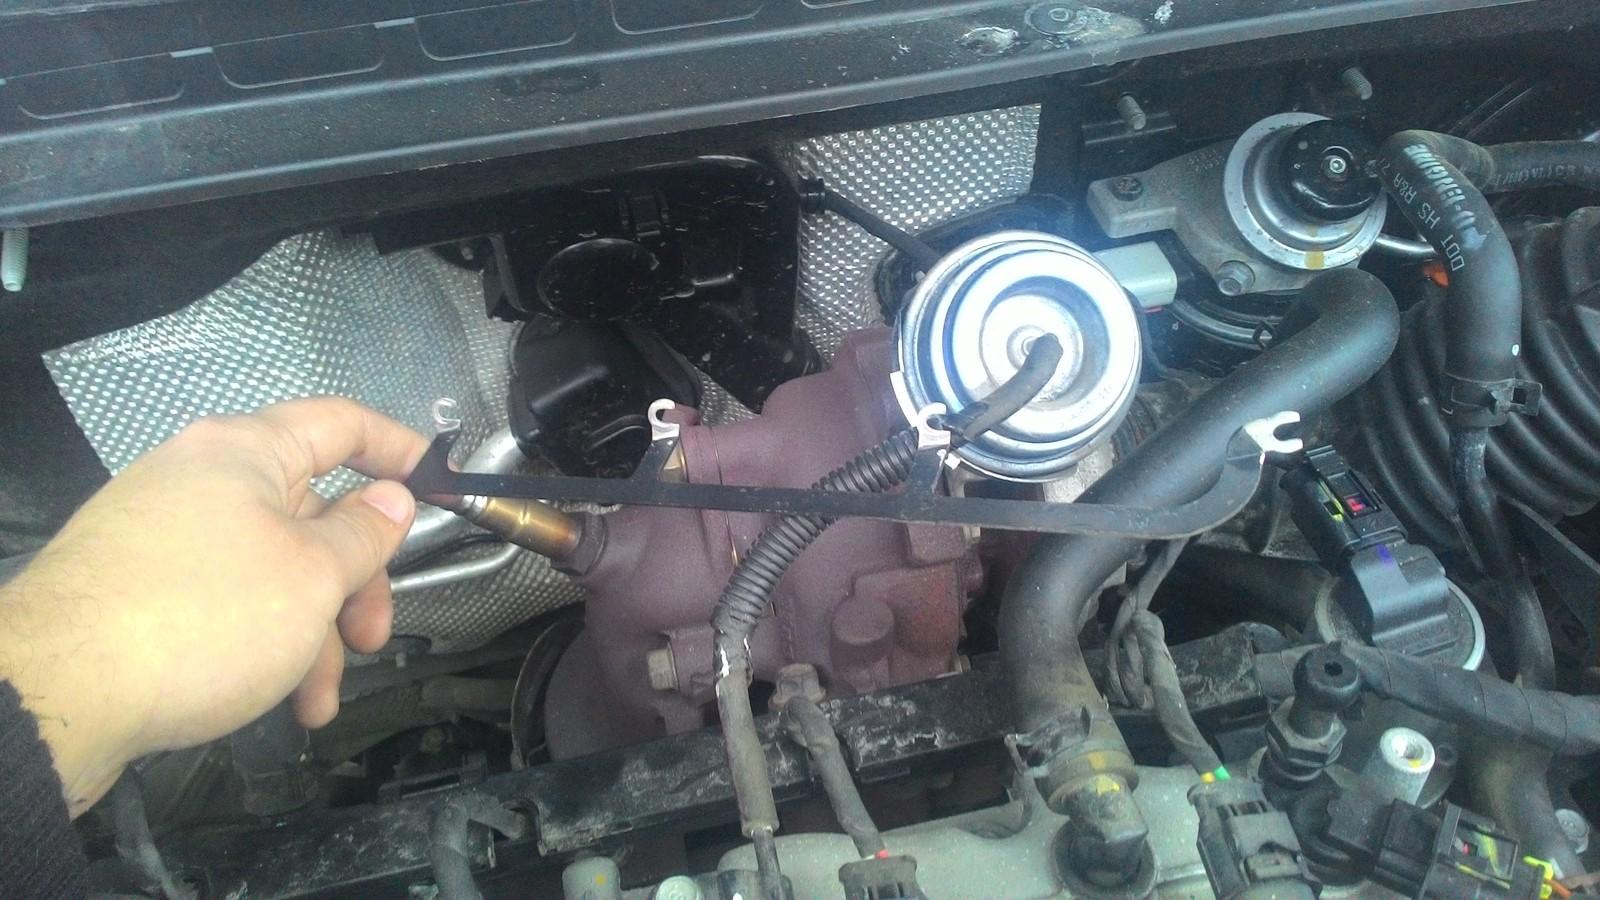 hyundai двигатель 1.6 crdi где свечи